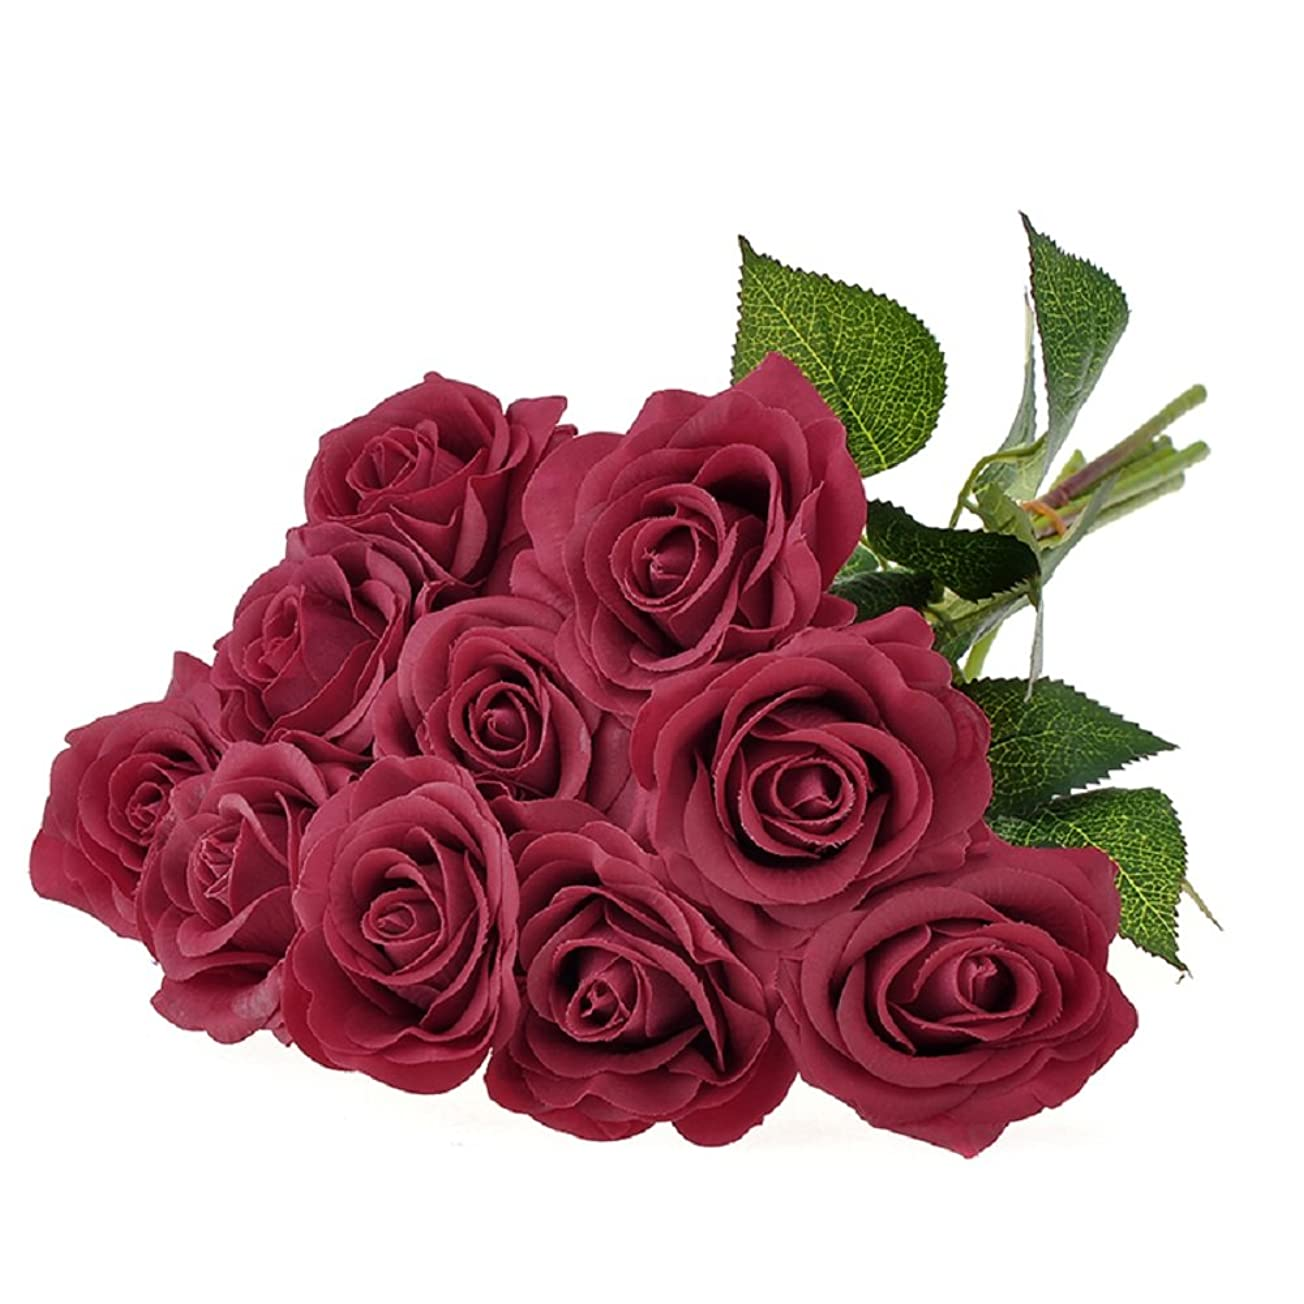 懇願する出力みすぼらしいVenkaite バラ 造花 手作りブーケ 薔薇 フラワーアレンジ かわいい 花束 お祝いの結婚式のパーティーの花 インテリア飾 10本セット (レッド)